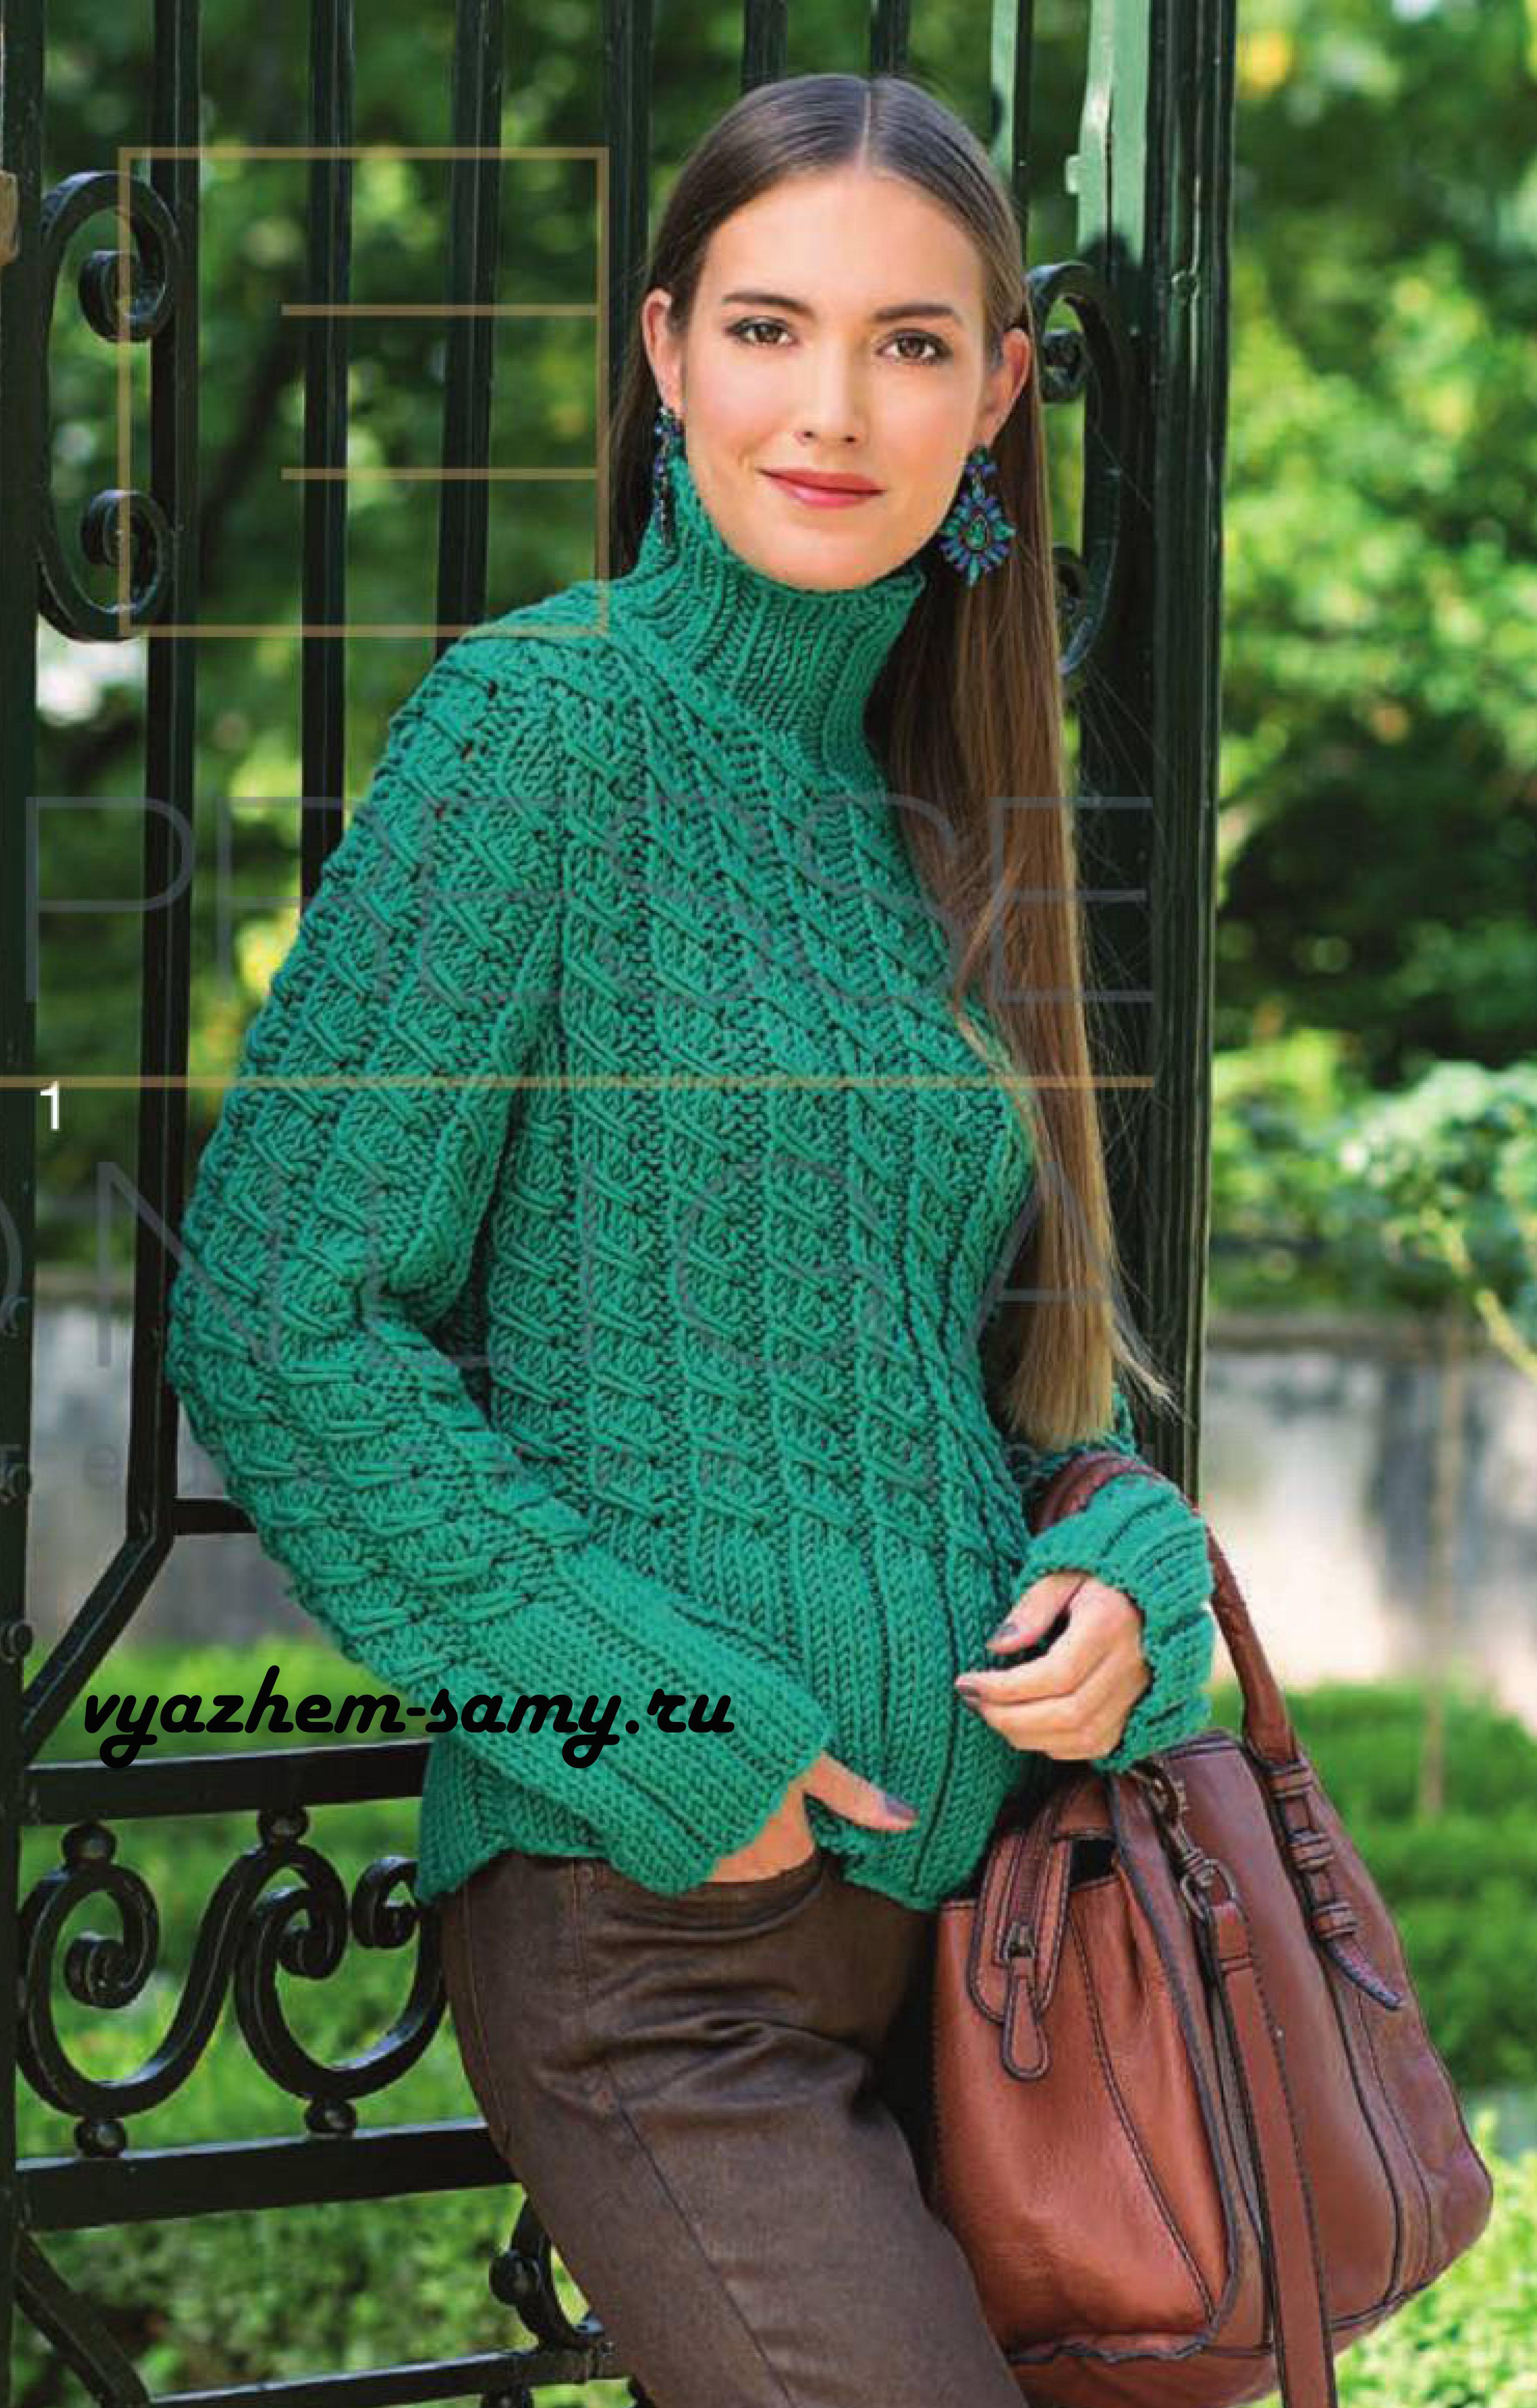 Вязаный спицами пуловер с узором из кос и резинки.